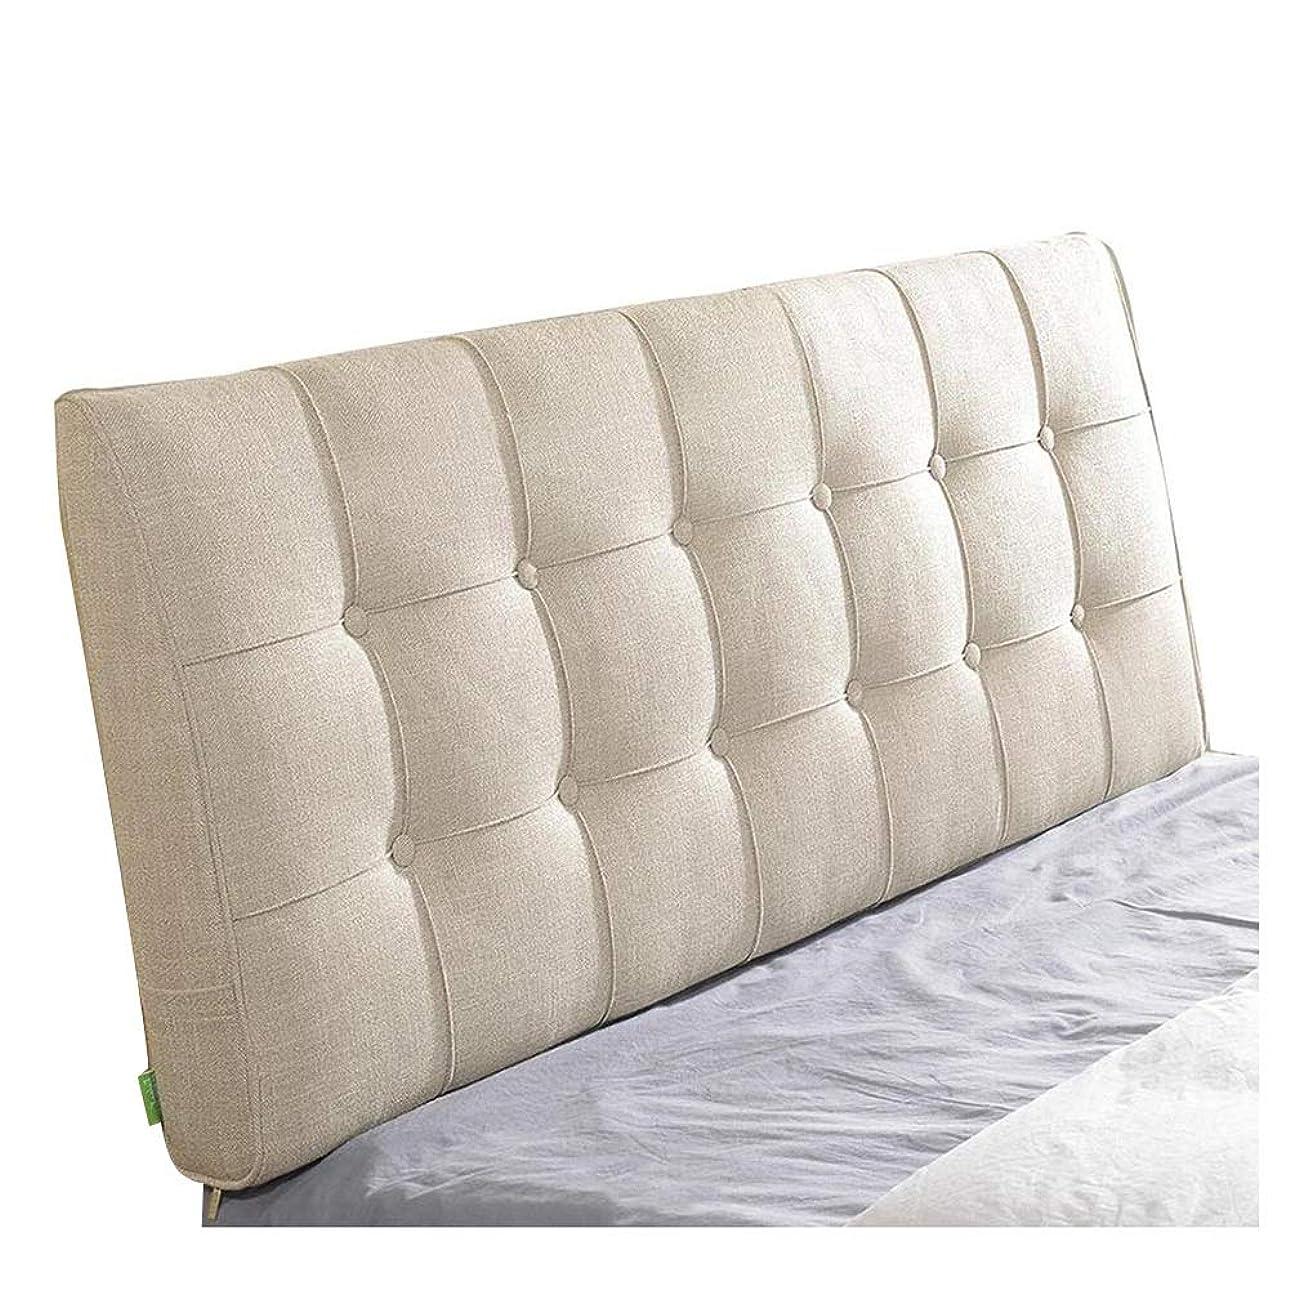 すり送金契約PENGFEI クッションベッドの背もたれ抱き枕 大背枕 ランバーサポート アンチコリジョン、 マジックテープ固定、 5色、 8サイズ (色 : E, サイズ さいず : 100CM)